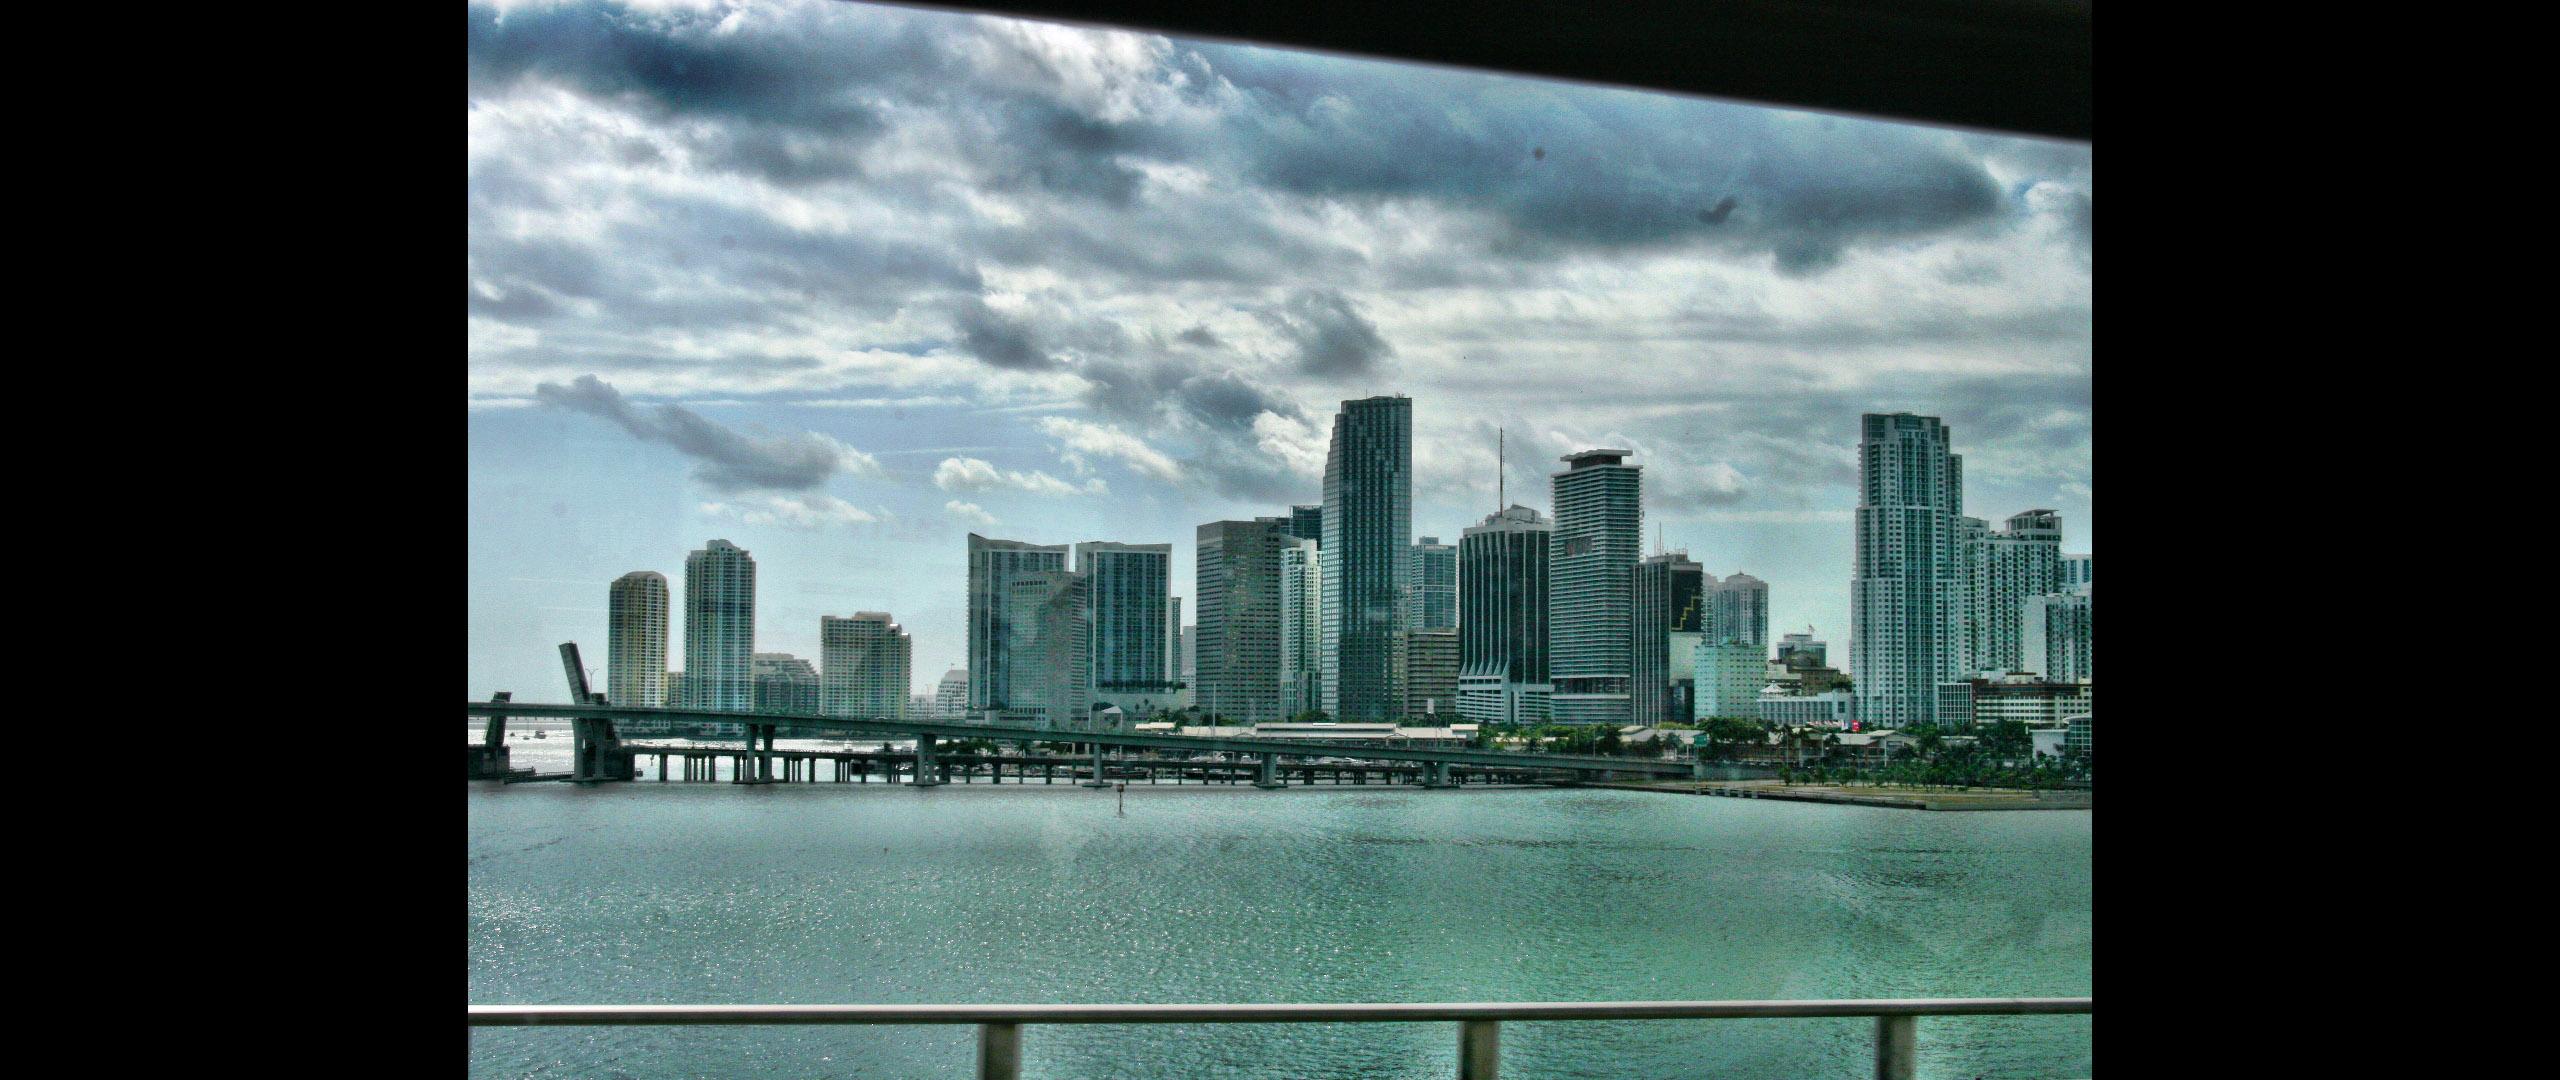 Miami gehüllt in düsteren Wolken